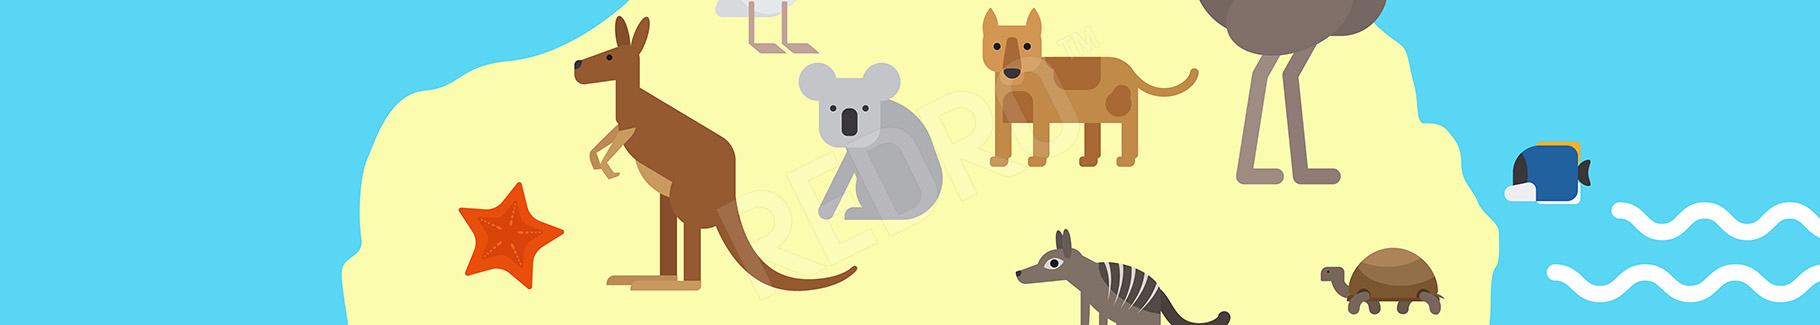 Plakat zwierzęta Australii